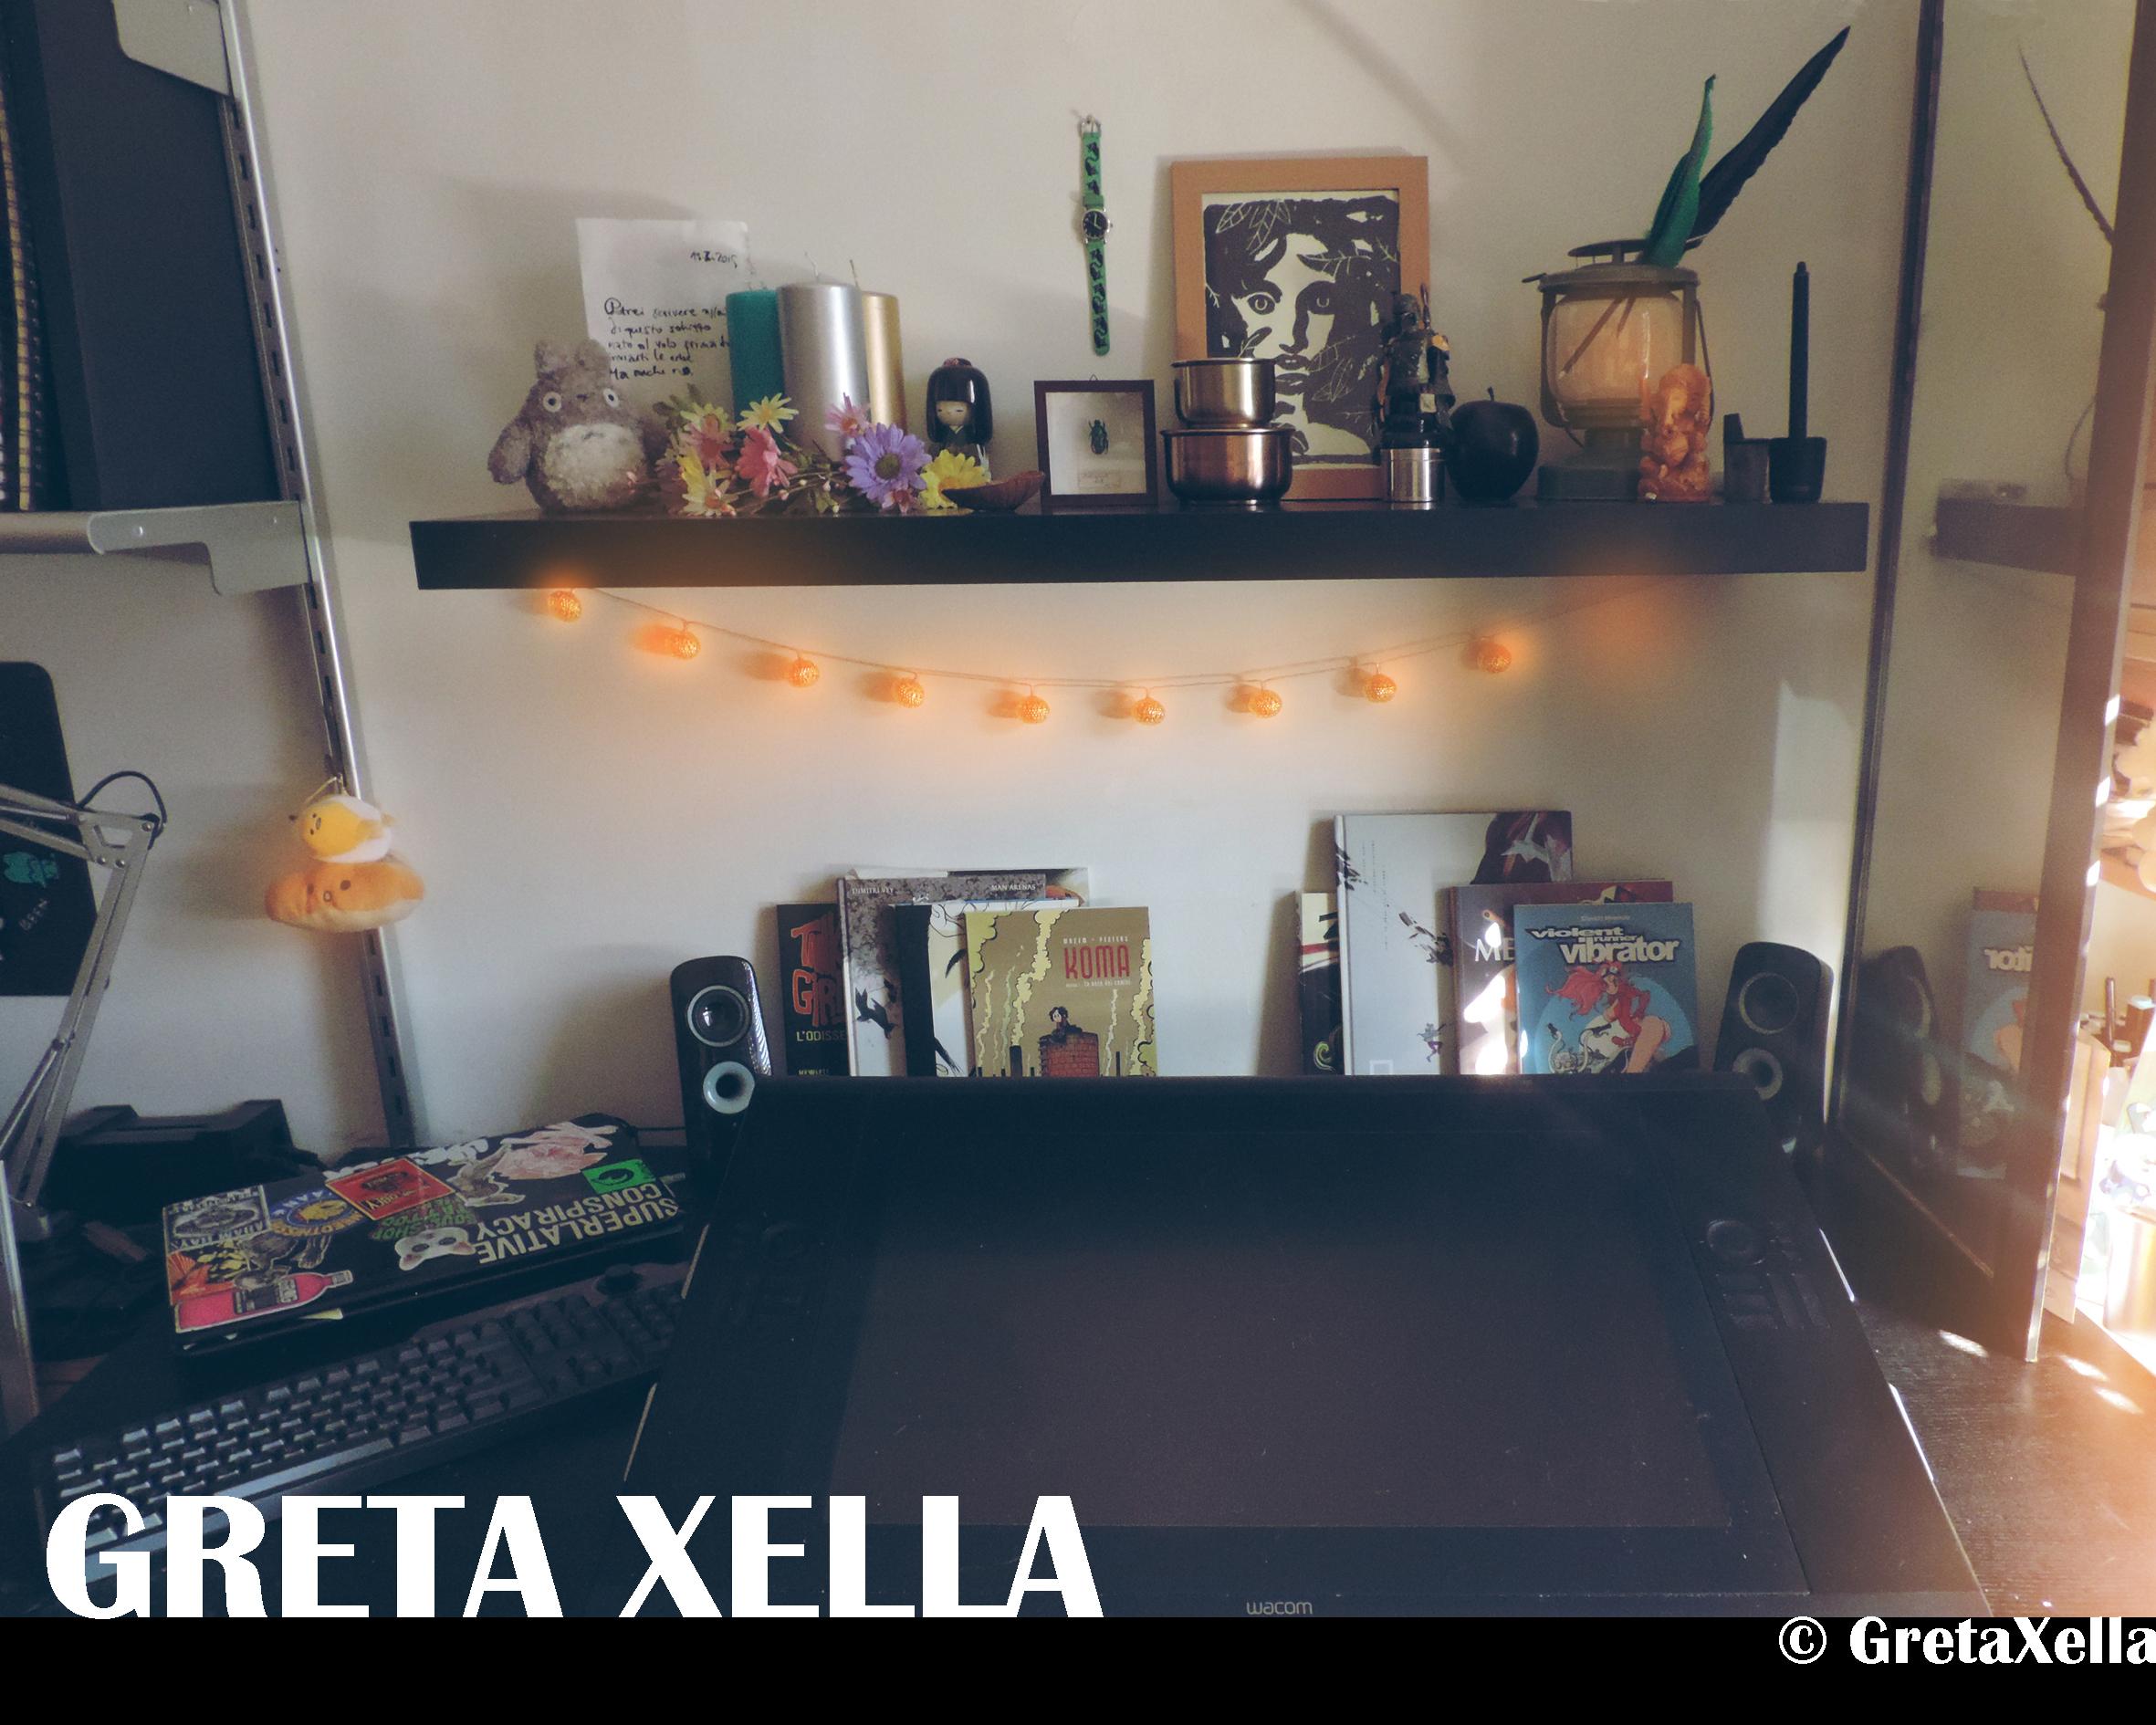 Greta Xella